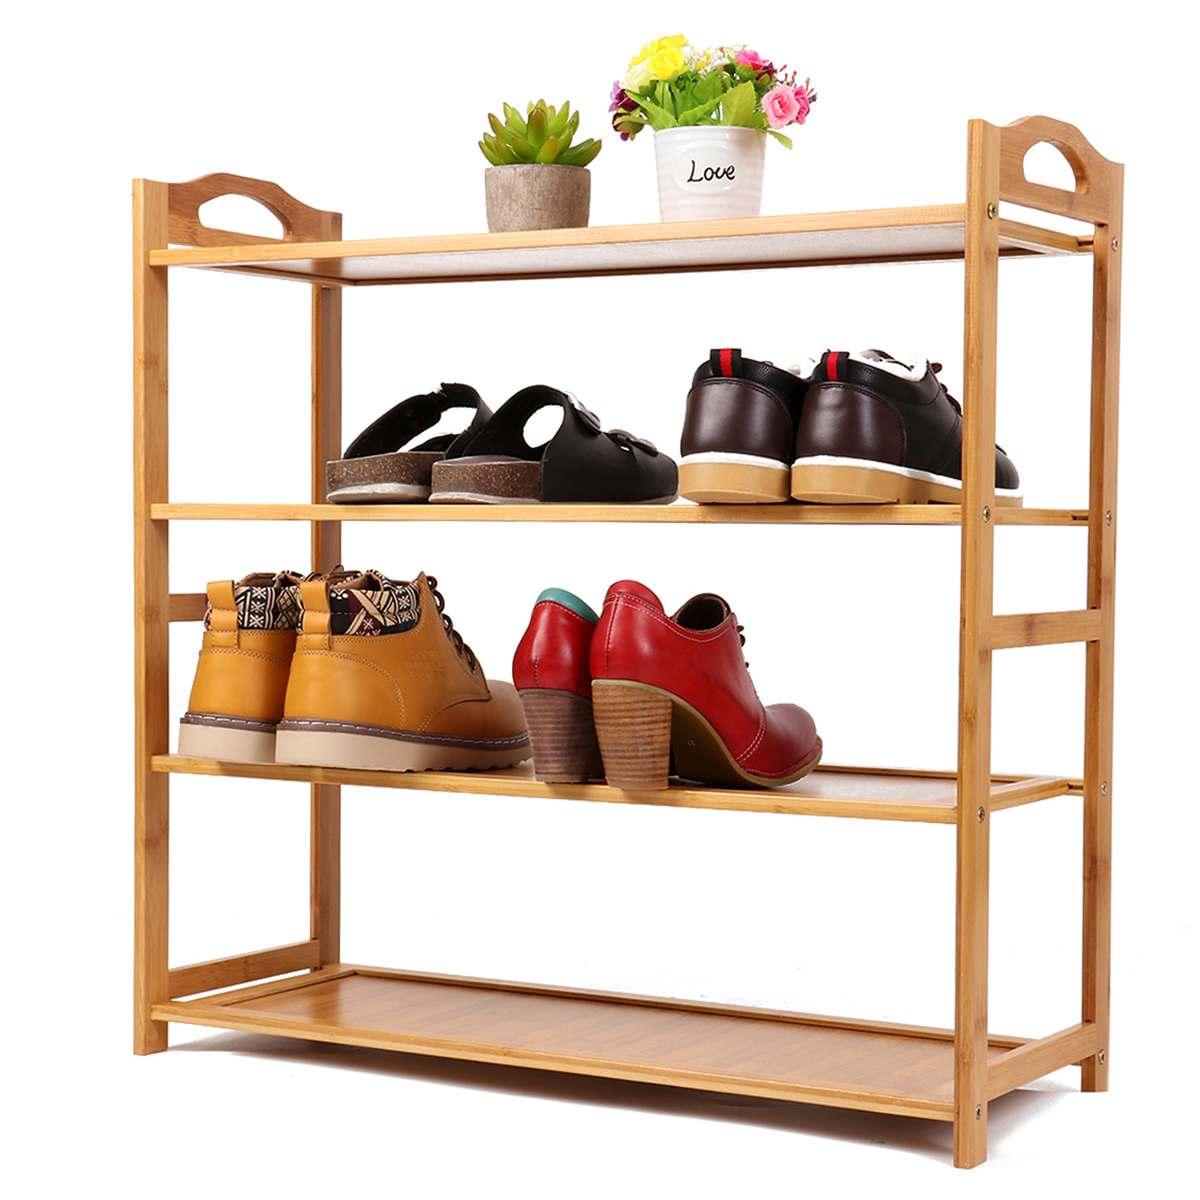 4 couches bambou bois armoires à chaussures universel Rack de stockage étagère à chaussures organisateur de stockage plante Stand maison stockage étagère organisateur